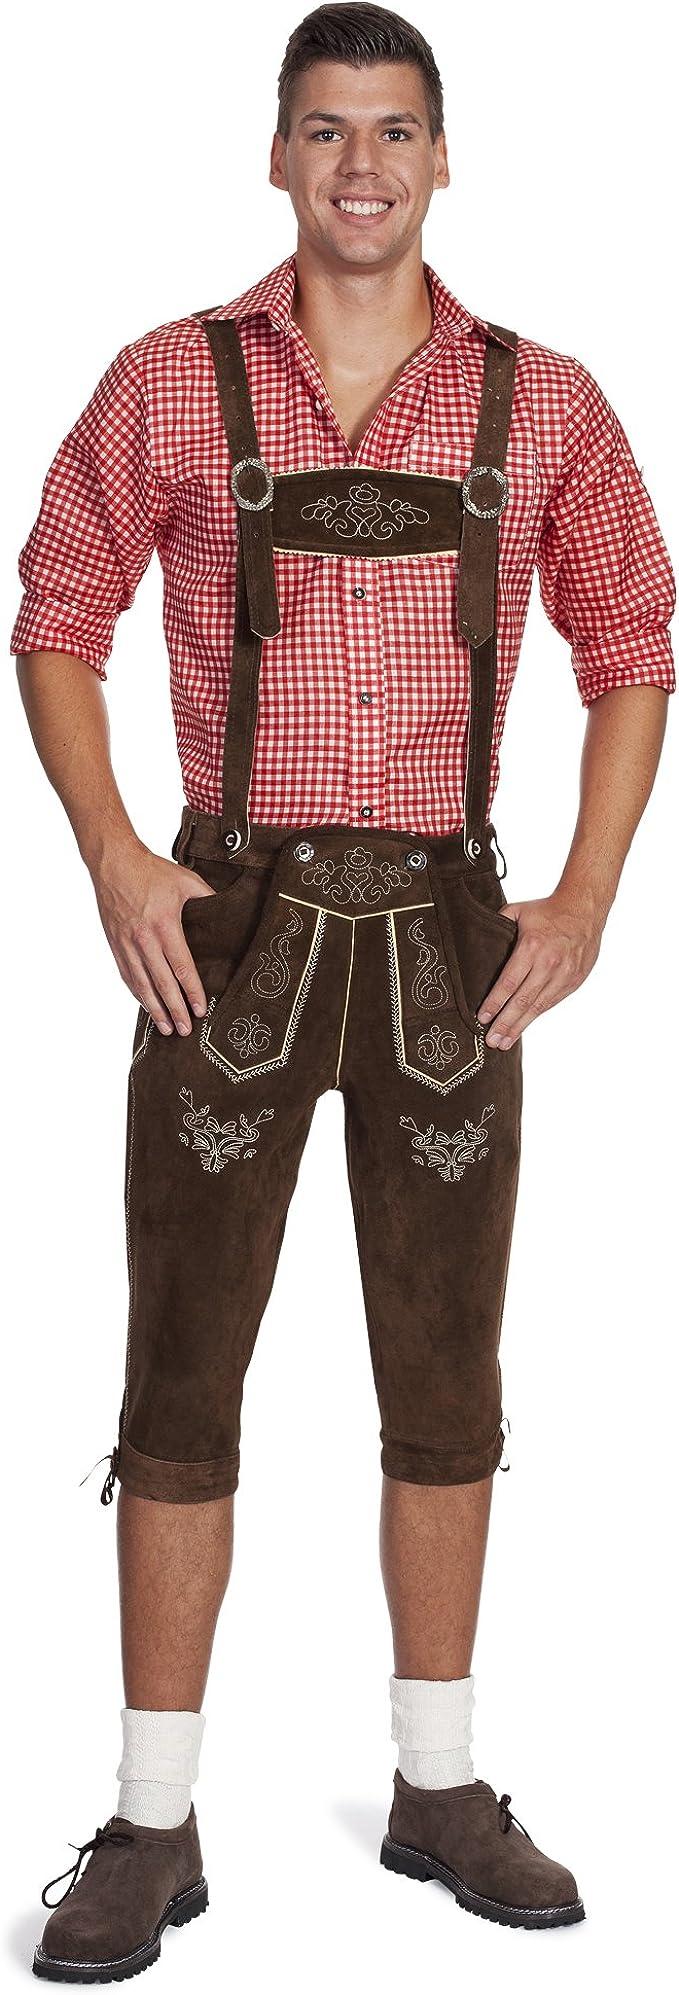 12 opiniones para Gaudi-Leathers E100, Pantalones de Cuero Regionales Para Hombre